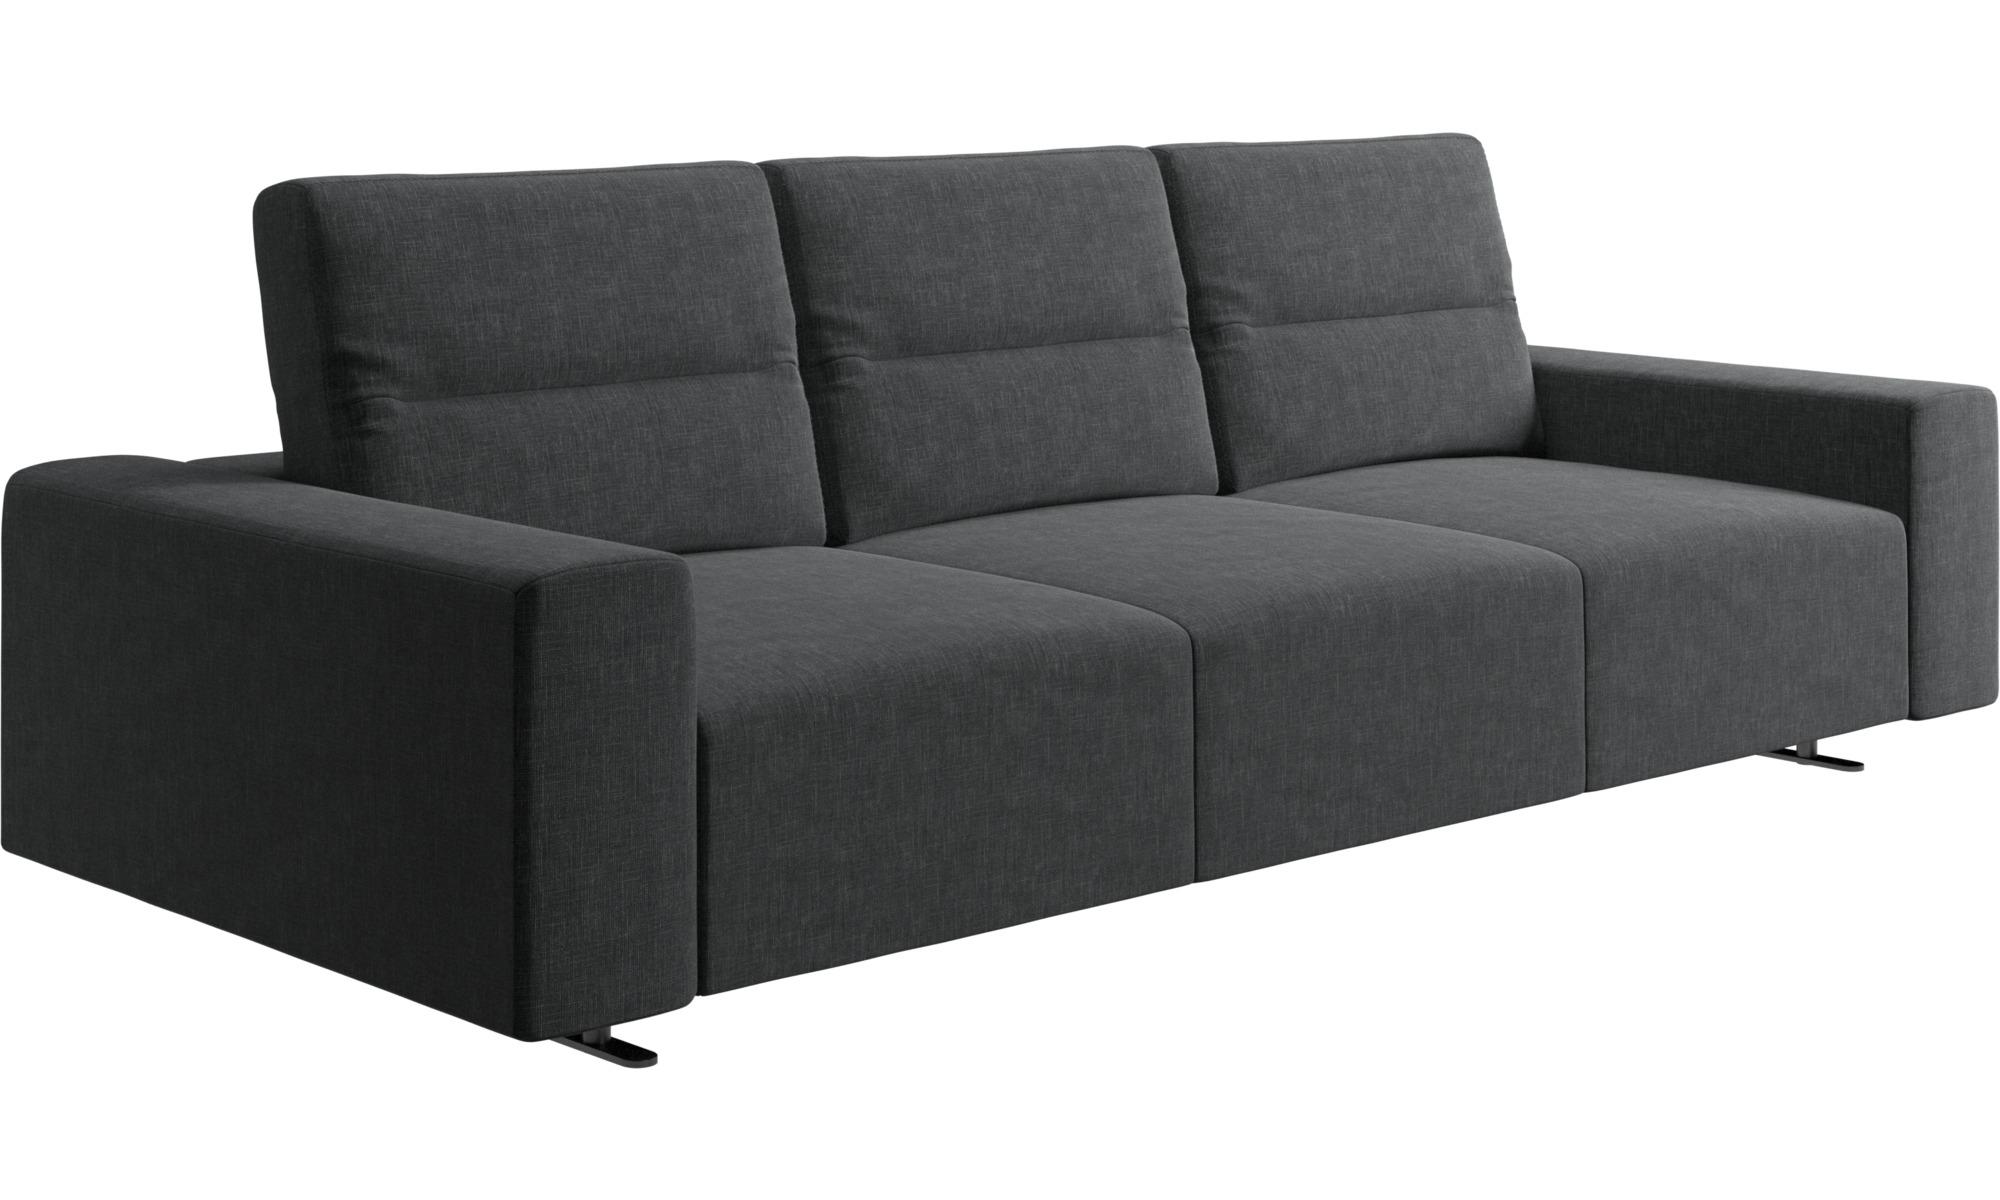 canap hampton avec dossier ajustable et espace de rangement c t droit boconcept. Black Bedroom Furniture Sets. Home Design Ideas